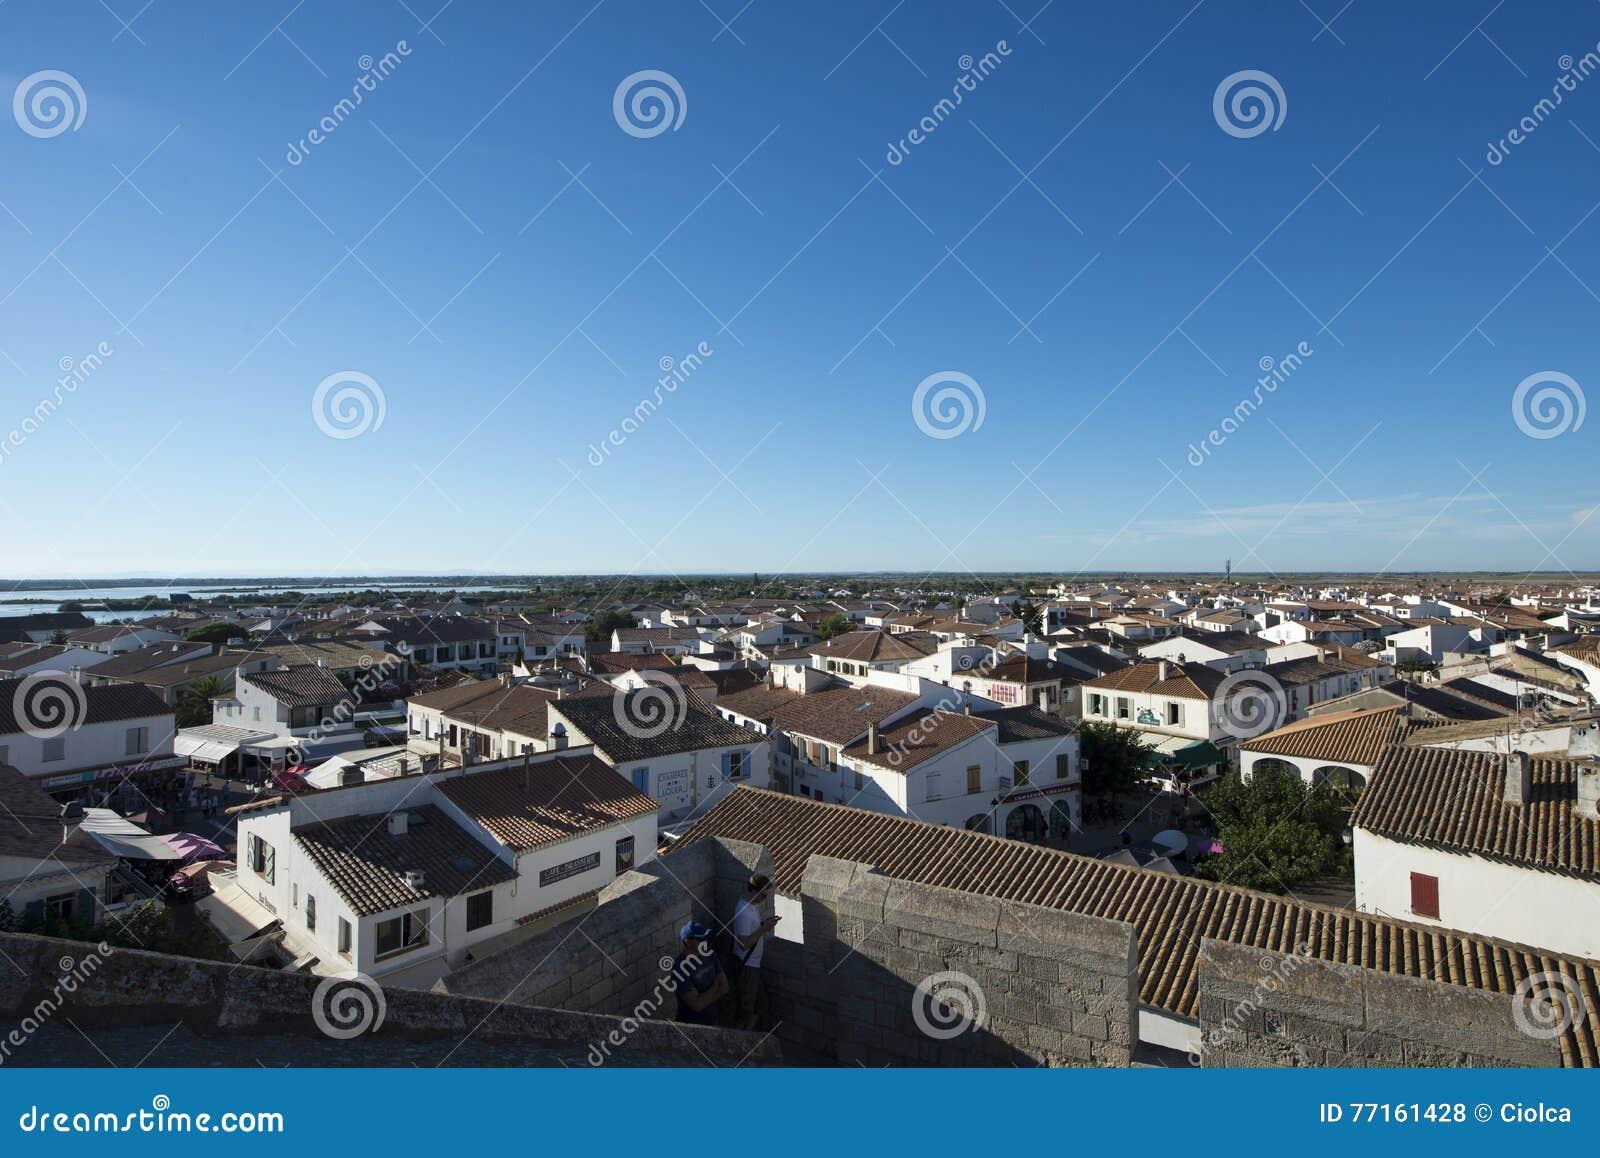 Aperçu de Saintes-Maries-de-la-Mer, France